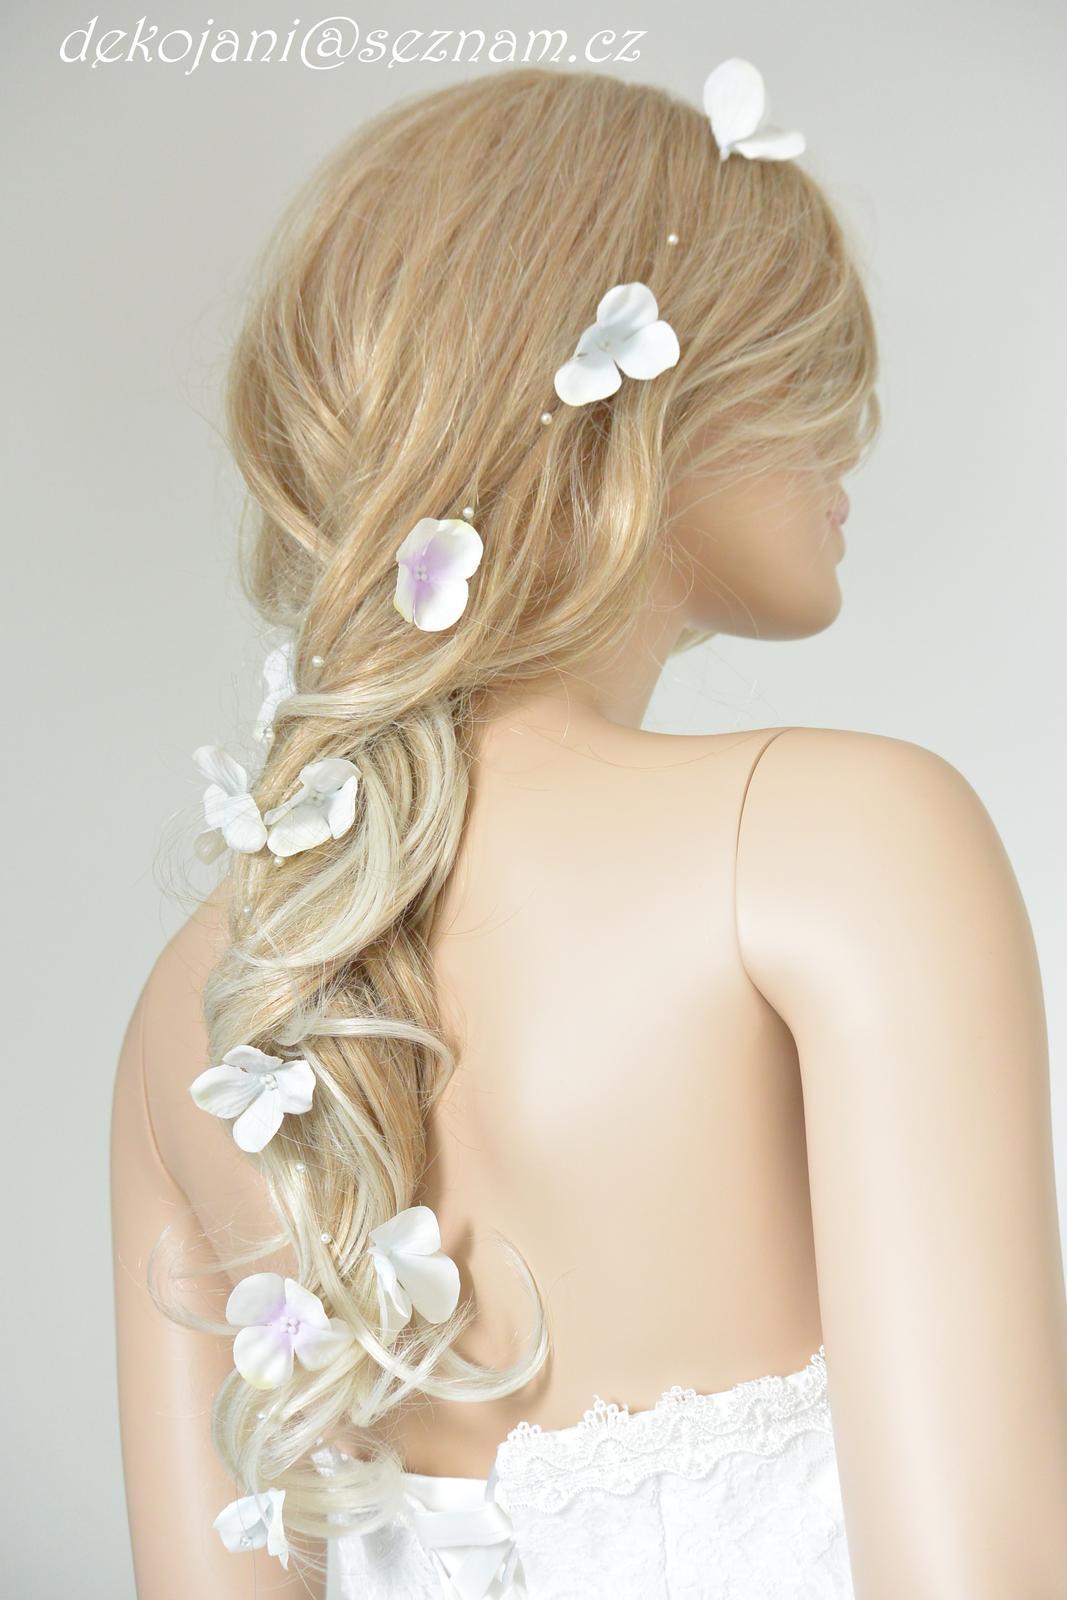 Čelenky, květiny do vlasů, náramky, obojek pro pejska... - Obrázek č. 1